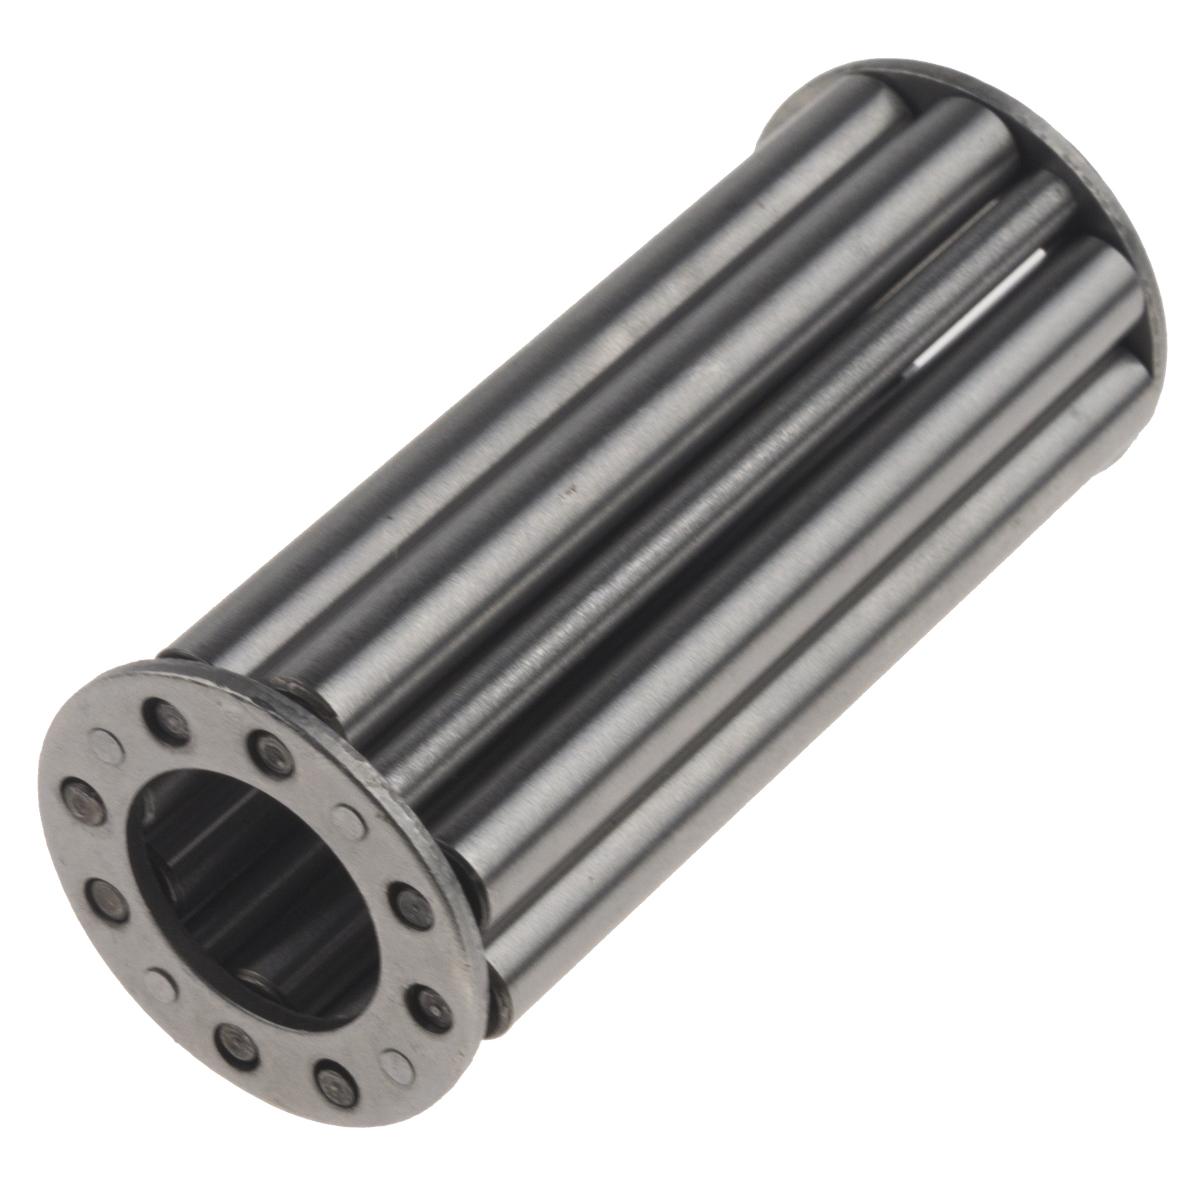 husqvarna roller bearing caged 3 1 4 u0026 39  539105307